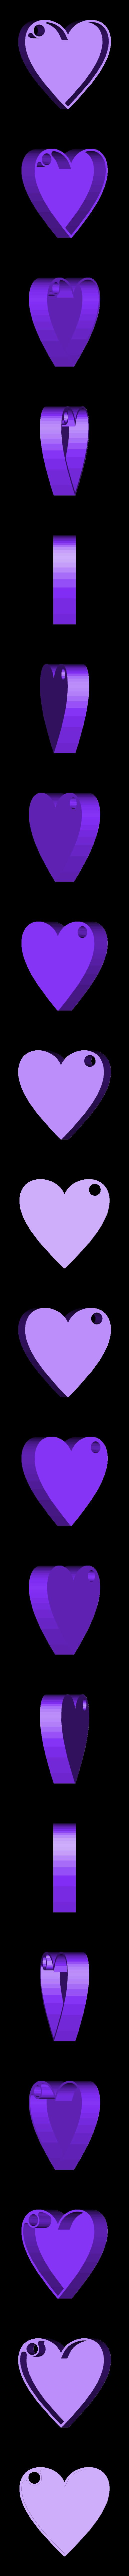 Pink.stl Télécharger fichier STL gratuit Boîte de coeur modulaire pour la Saint-Valentin • Design pour impression 3D, Darkolas